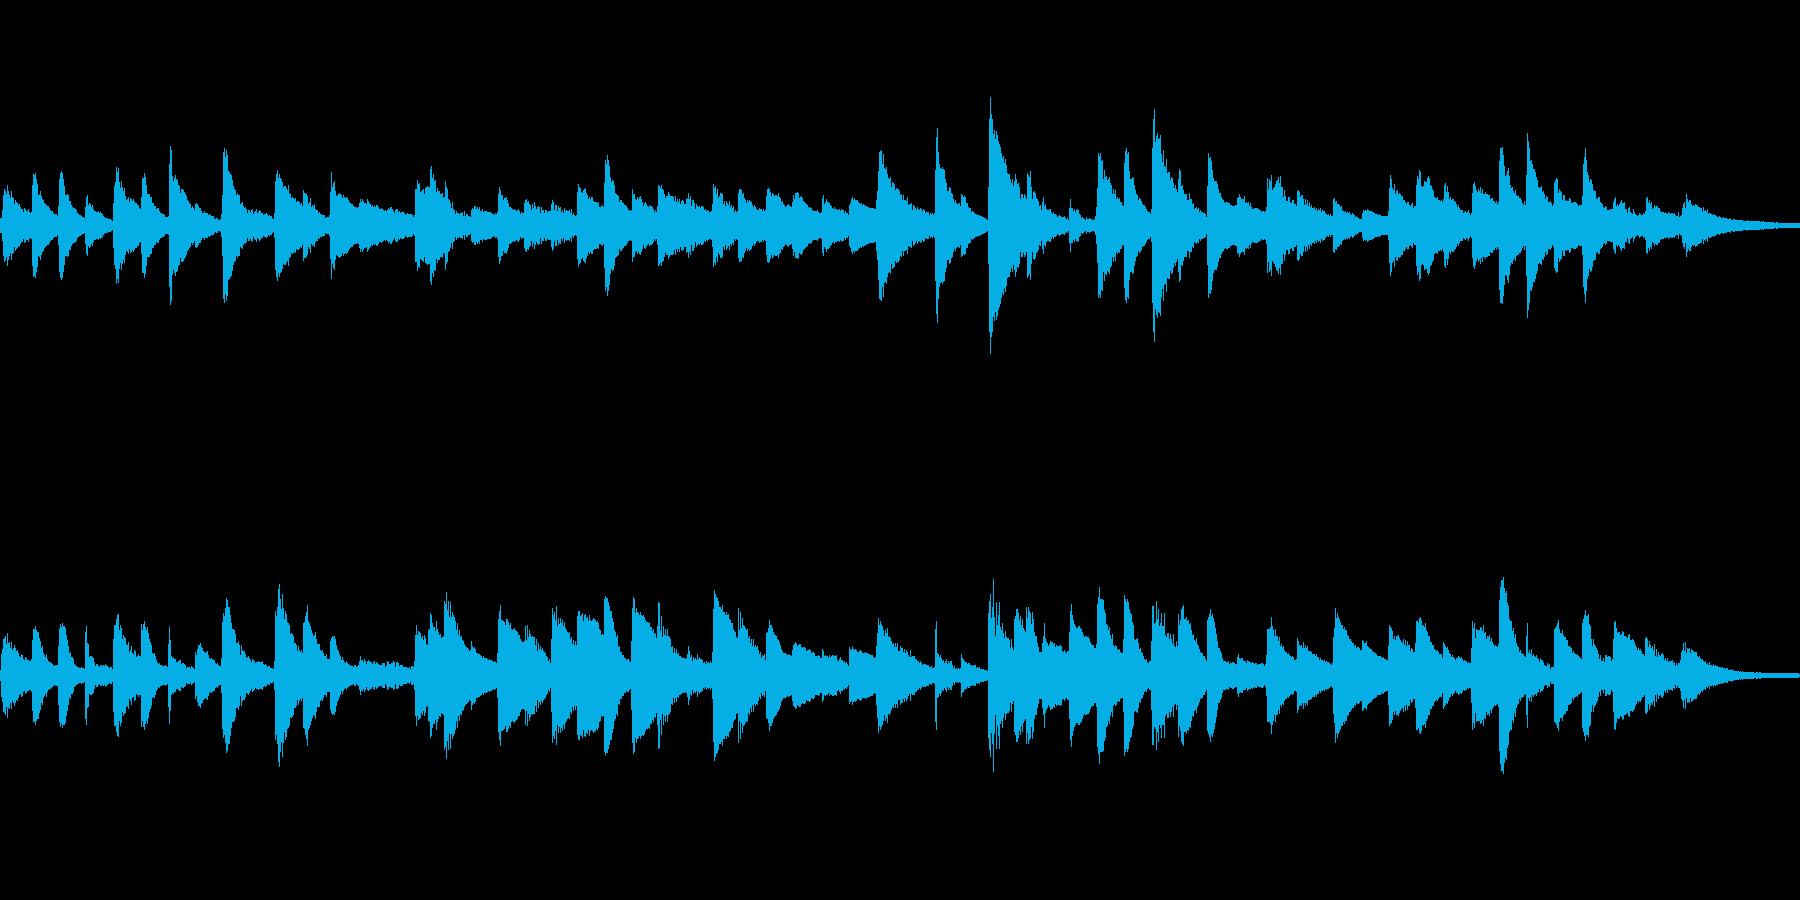 童謡「ひな祭り」ピアノソロ ループ仕様の再生済みの波形